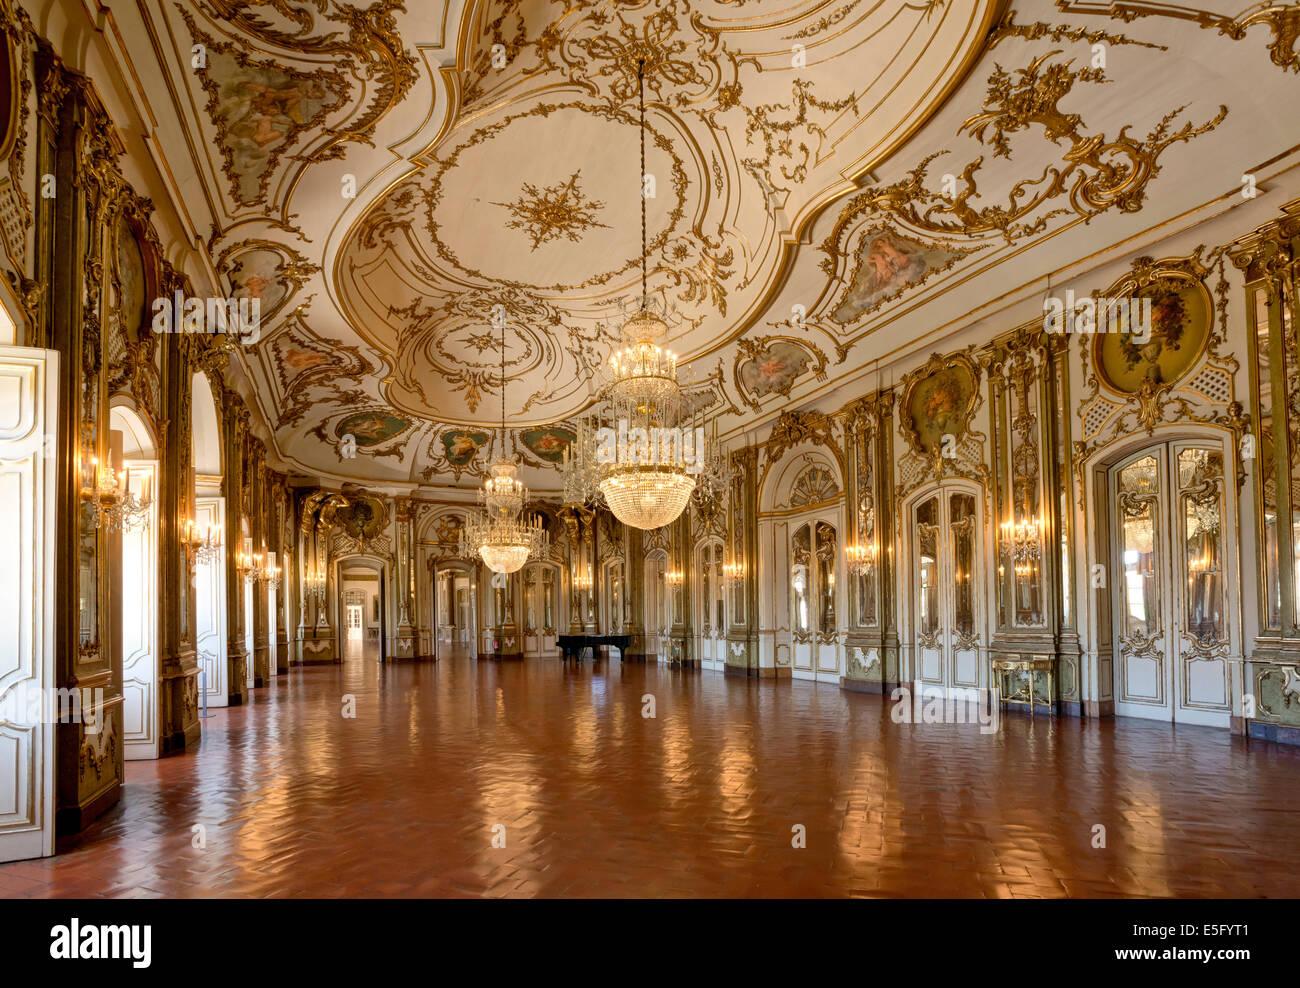 Ballroom stock photos ballroom stock images alamy for Sala 976 latin palace